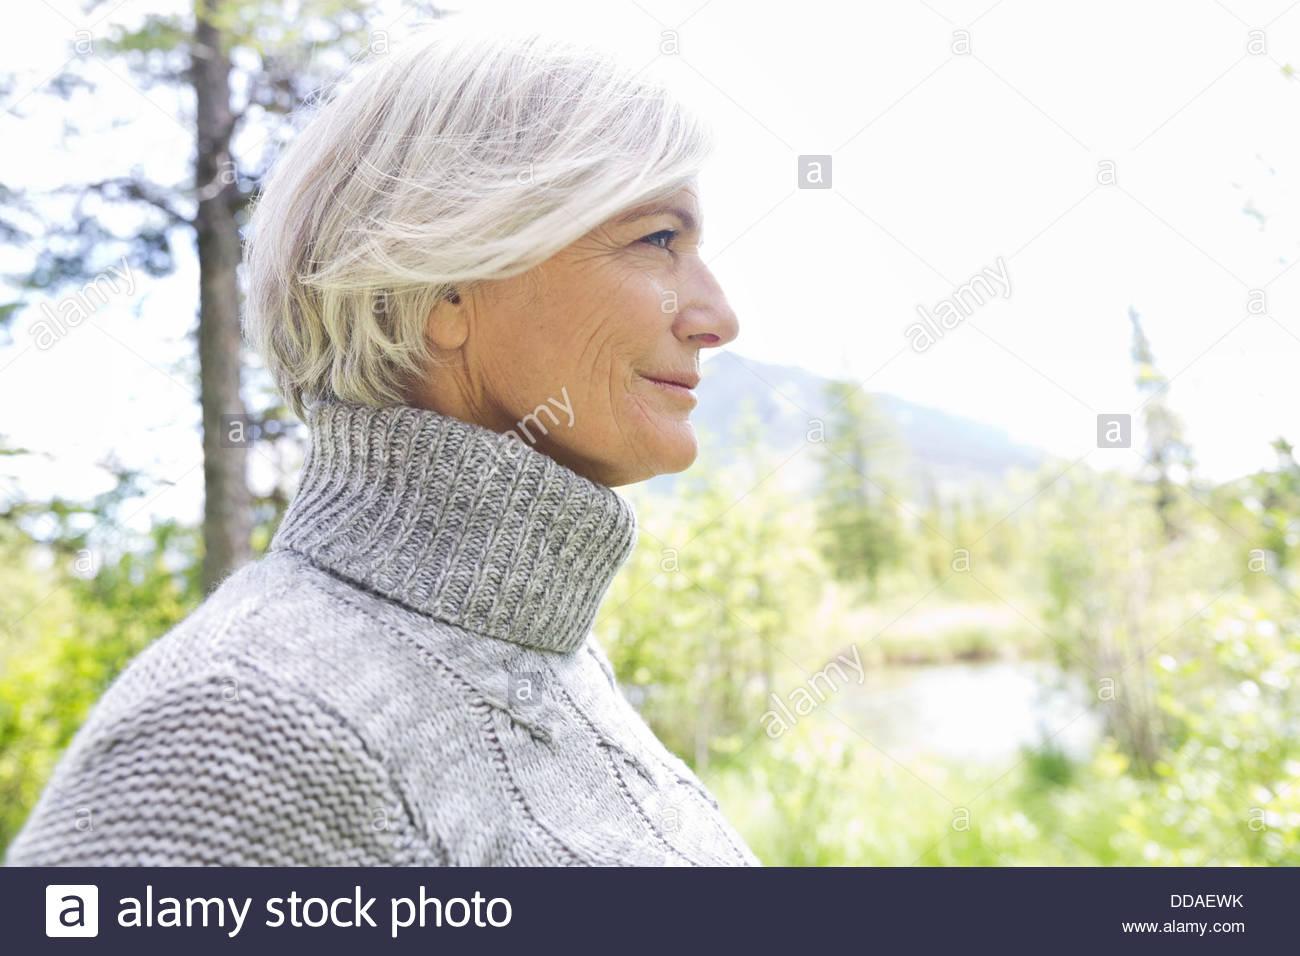 Foto de perfil de mujer madura en el bosque Imagen De Stock